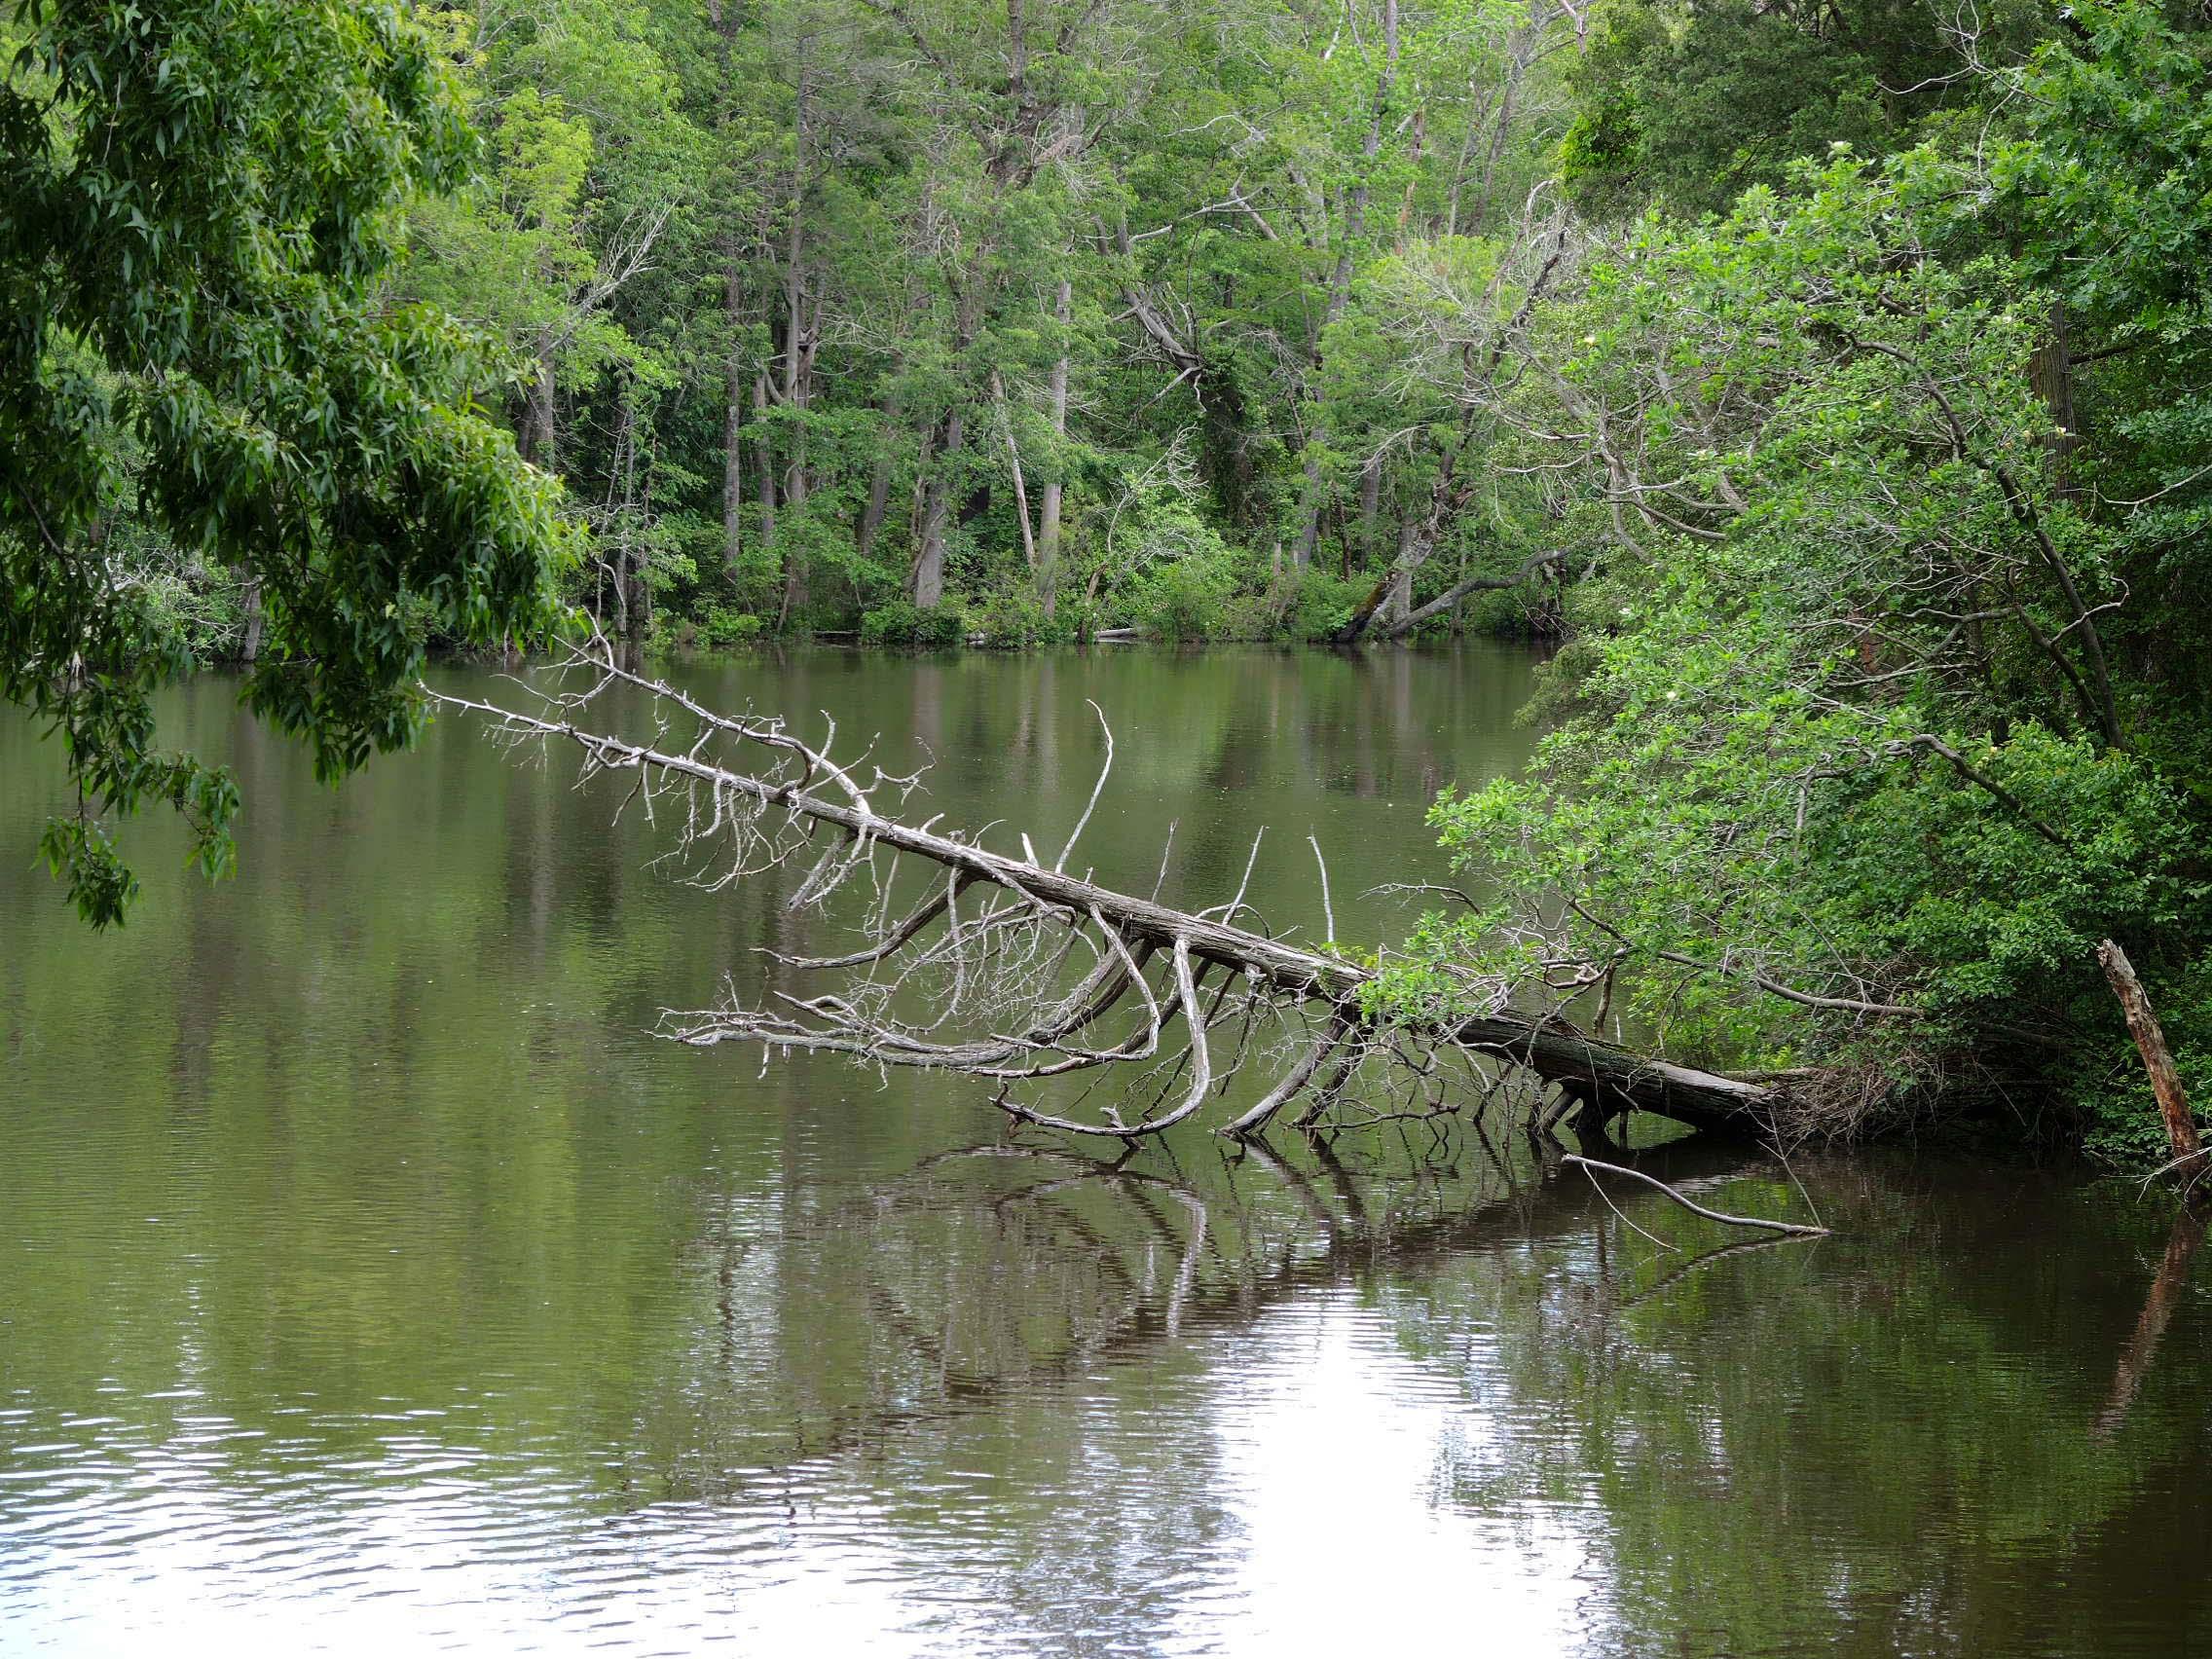 DSCN9892 - Sandi - fallen tree.jpg